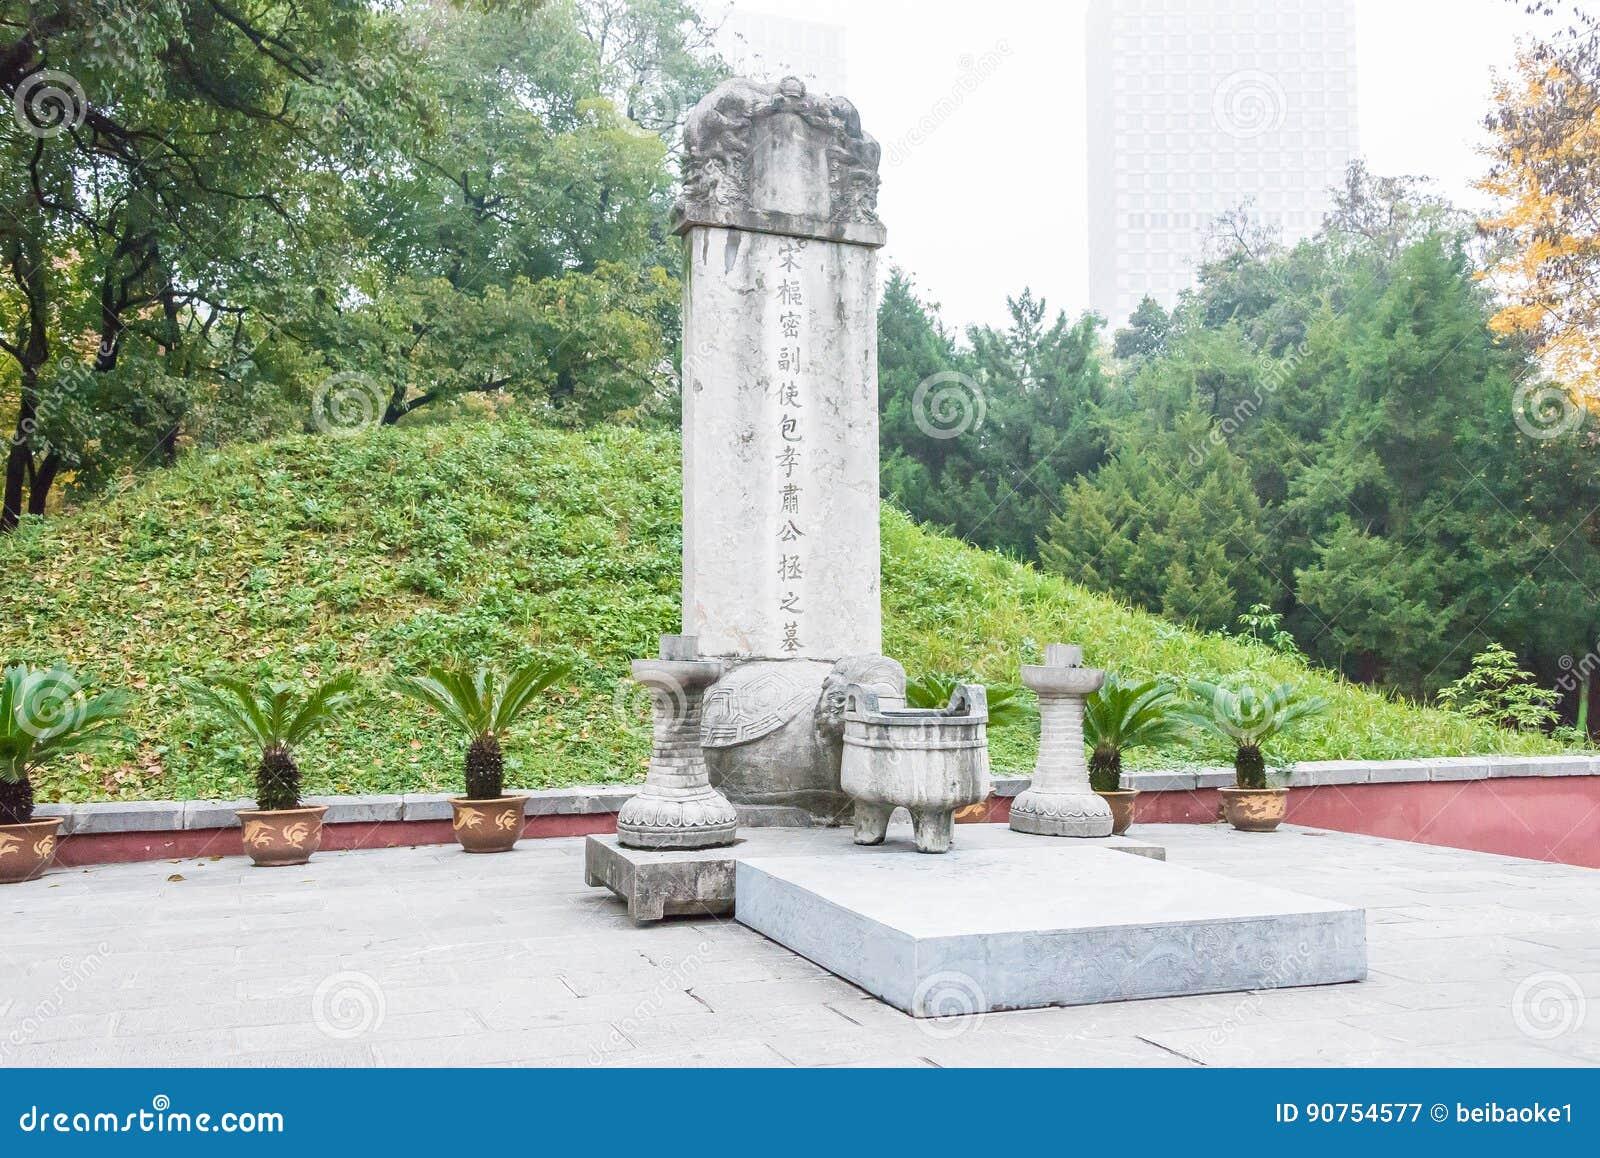 L ANHUI, CINA - 21 novembre 2015: Tomba di Baogong un sito storico famoso